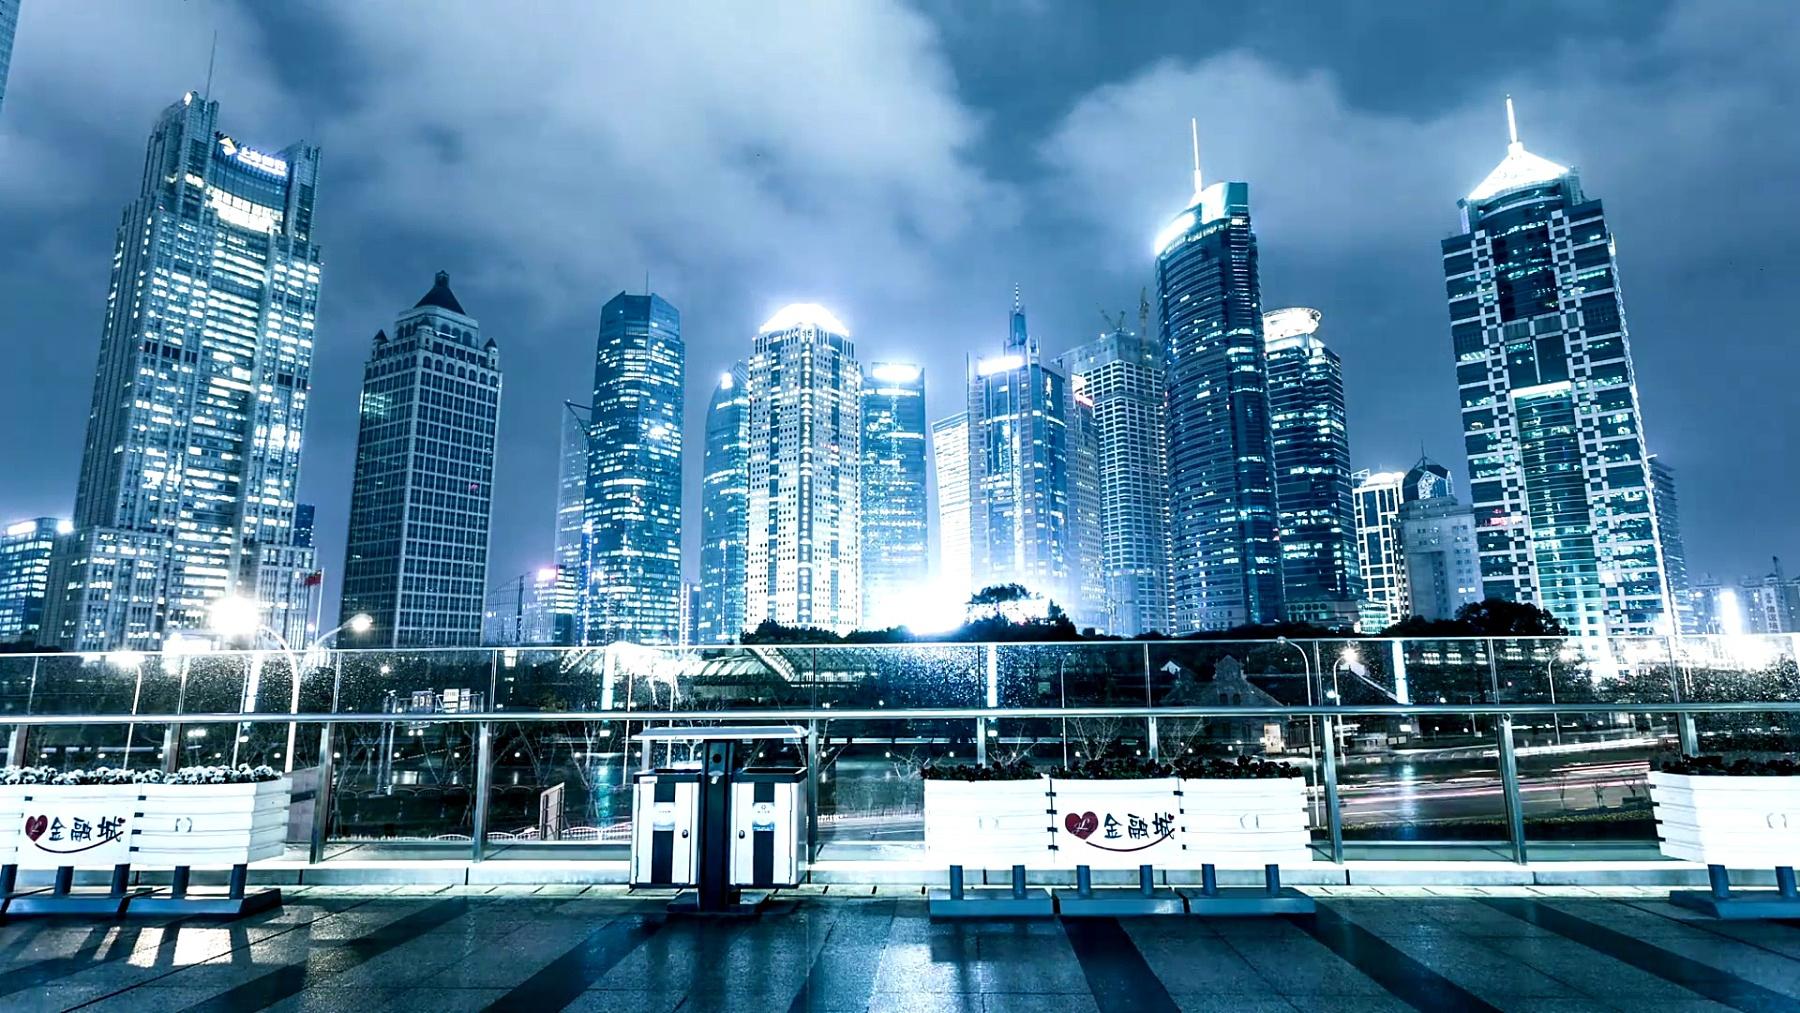 上海夜里繁忙的交通和照亮的城市景观,延时摄影。